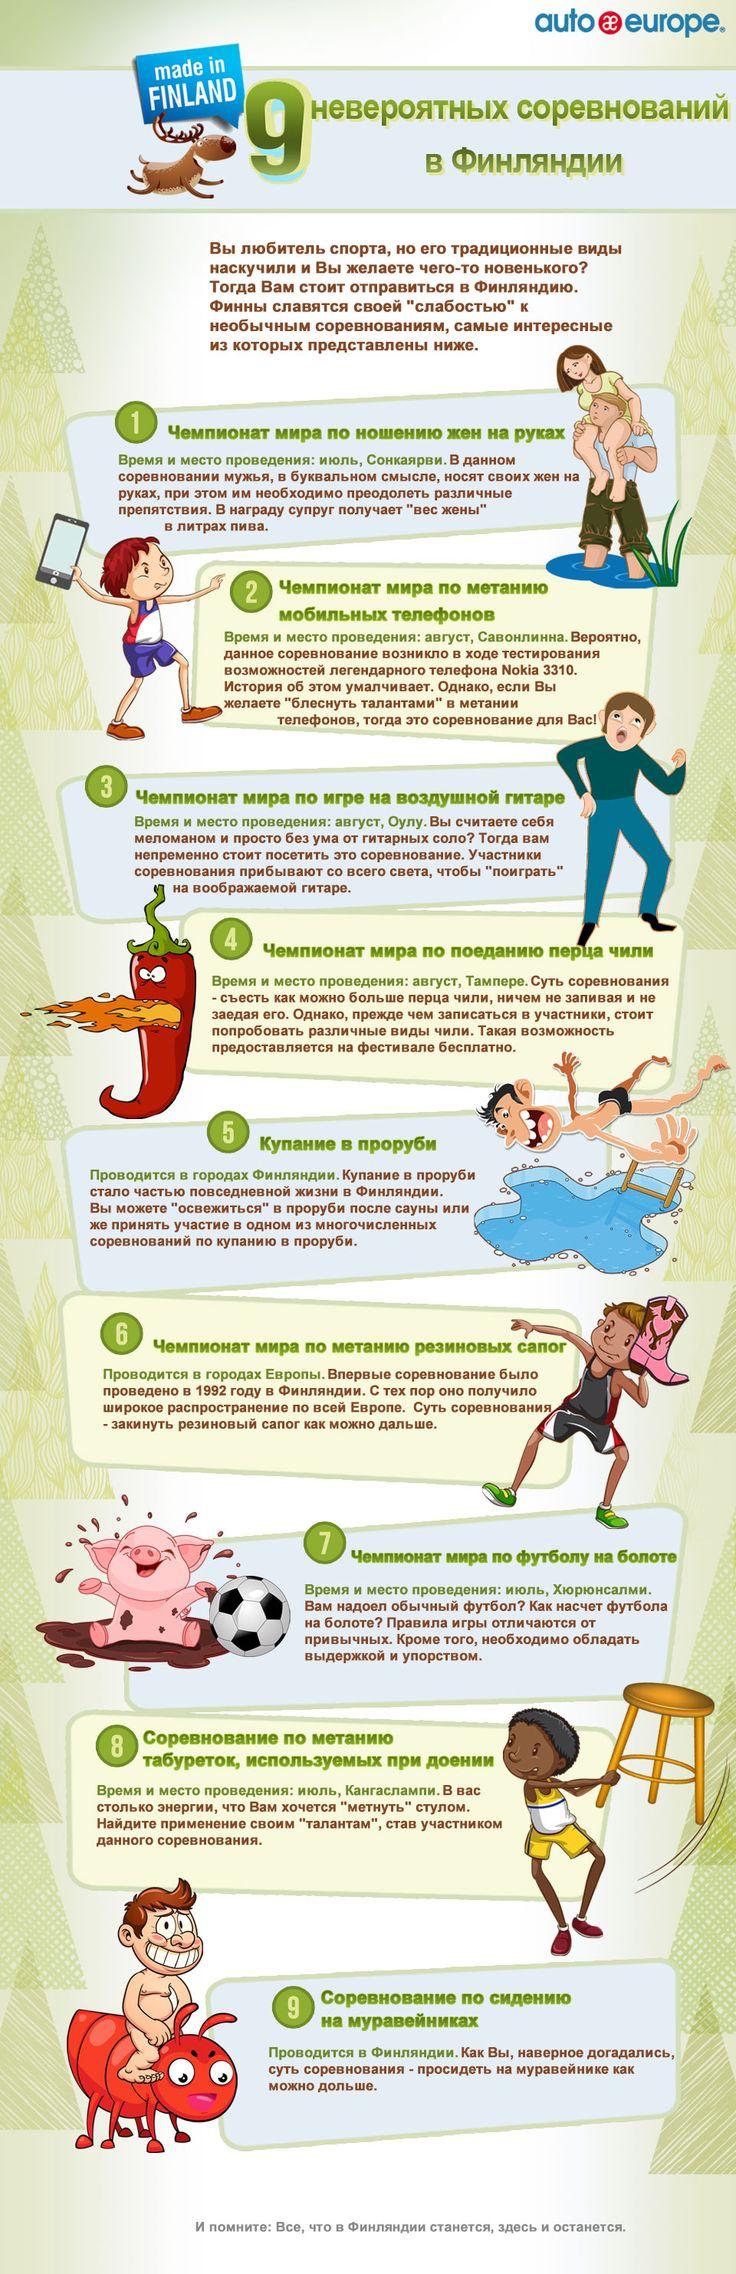 Инфографика: 9 необычных соревнований в Финляндии - Наши интересные и красочные инфографики можно посмотреть здесь : http://www.autoeurope.ru/go/infographics/